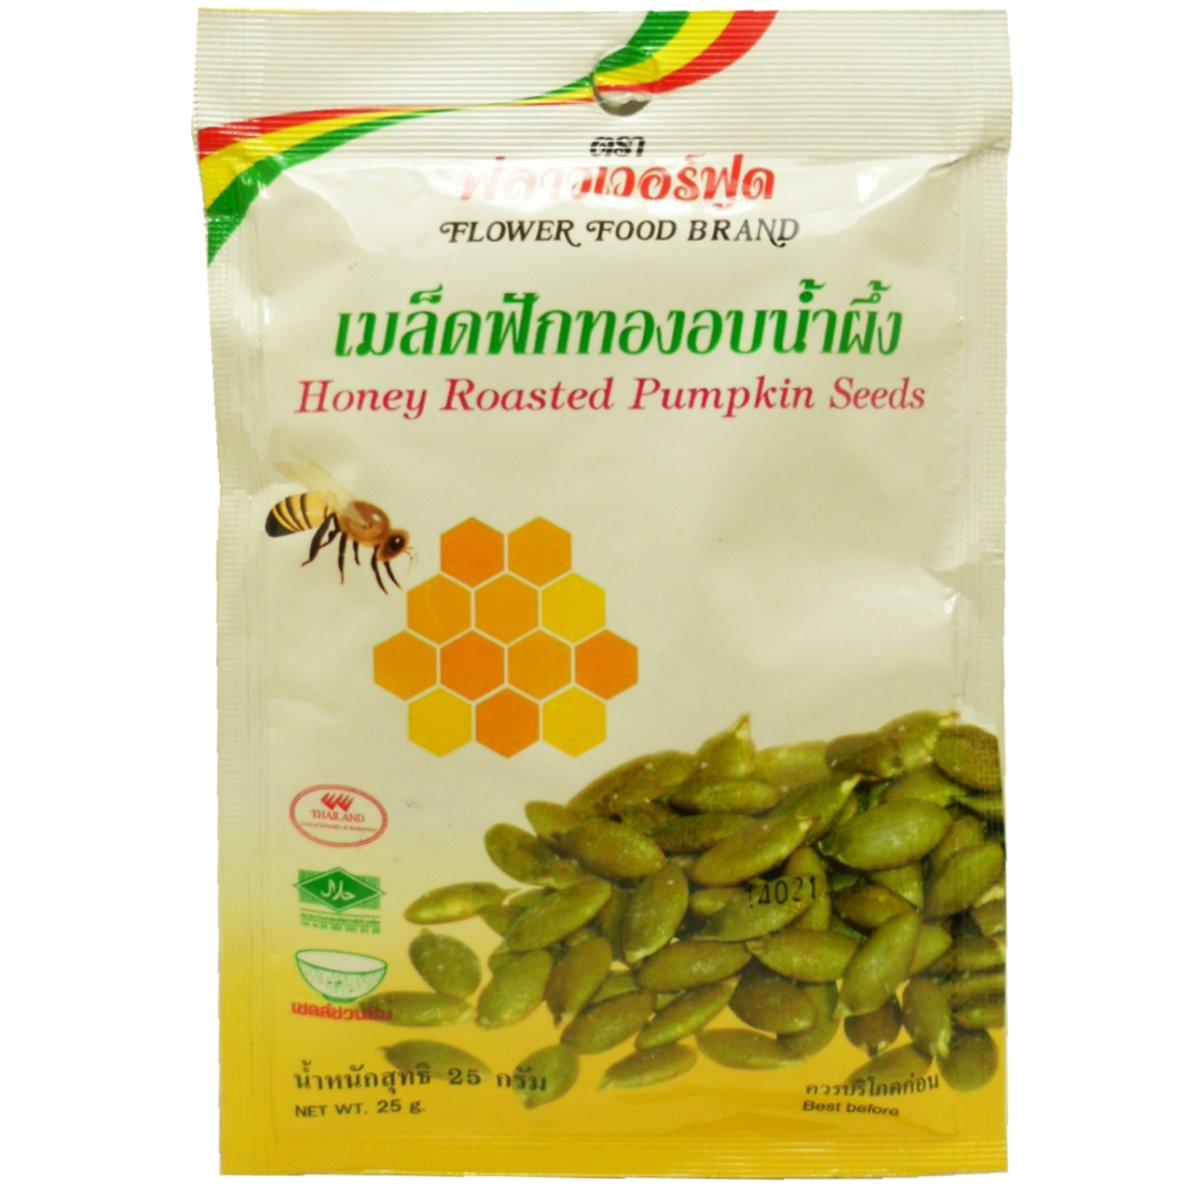 Honey Roasted Pumpkin Seeds Snack Net Wt 25 G (0.88 Oz) X 5 Bags Organic Herbal Food